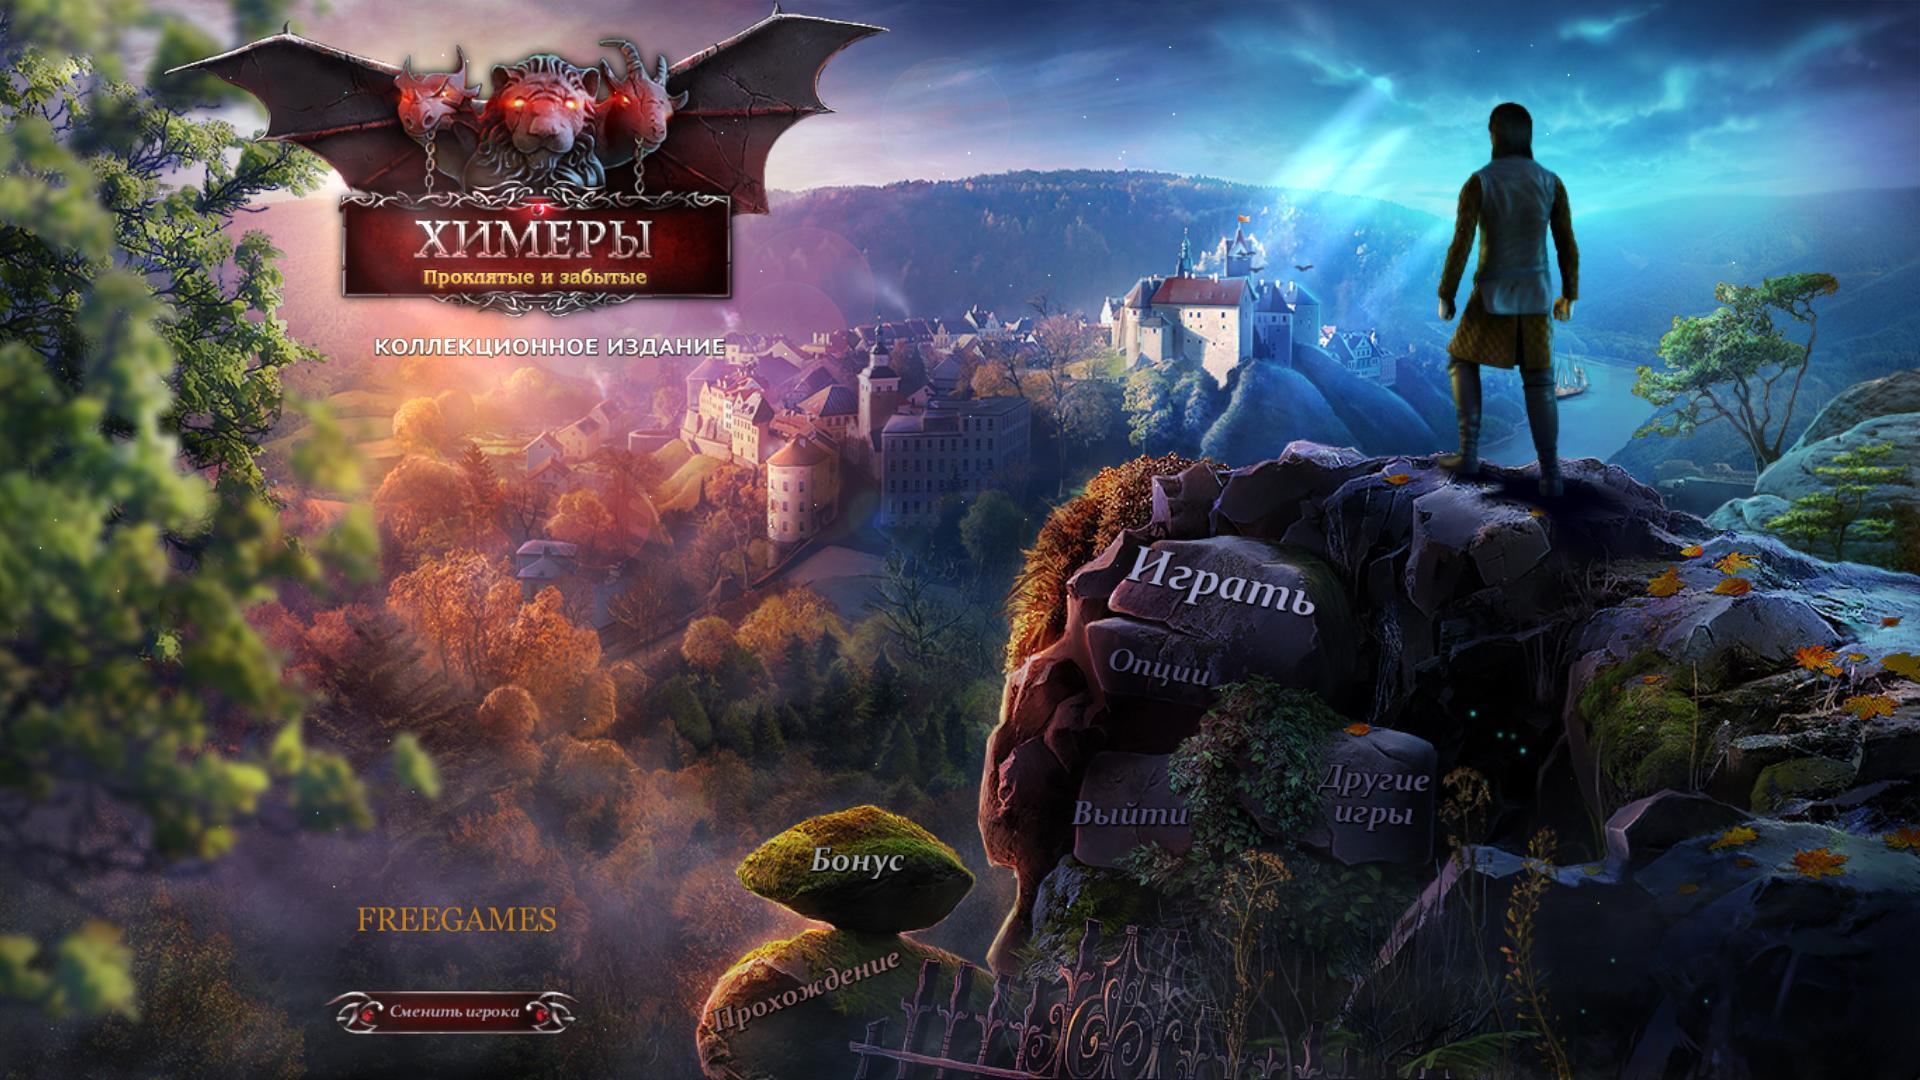 Химеры 3: Проклятые и забытые. Коллекционное издание | Chimeras 3: Cursed And Forgotten CE (Rus)